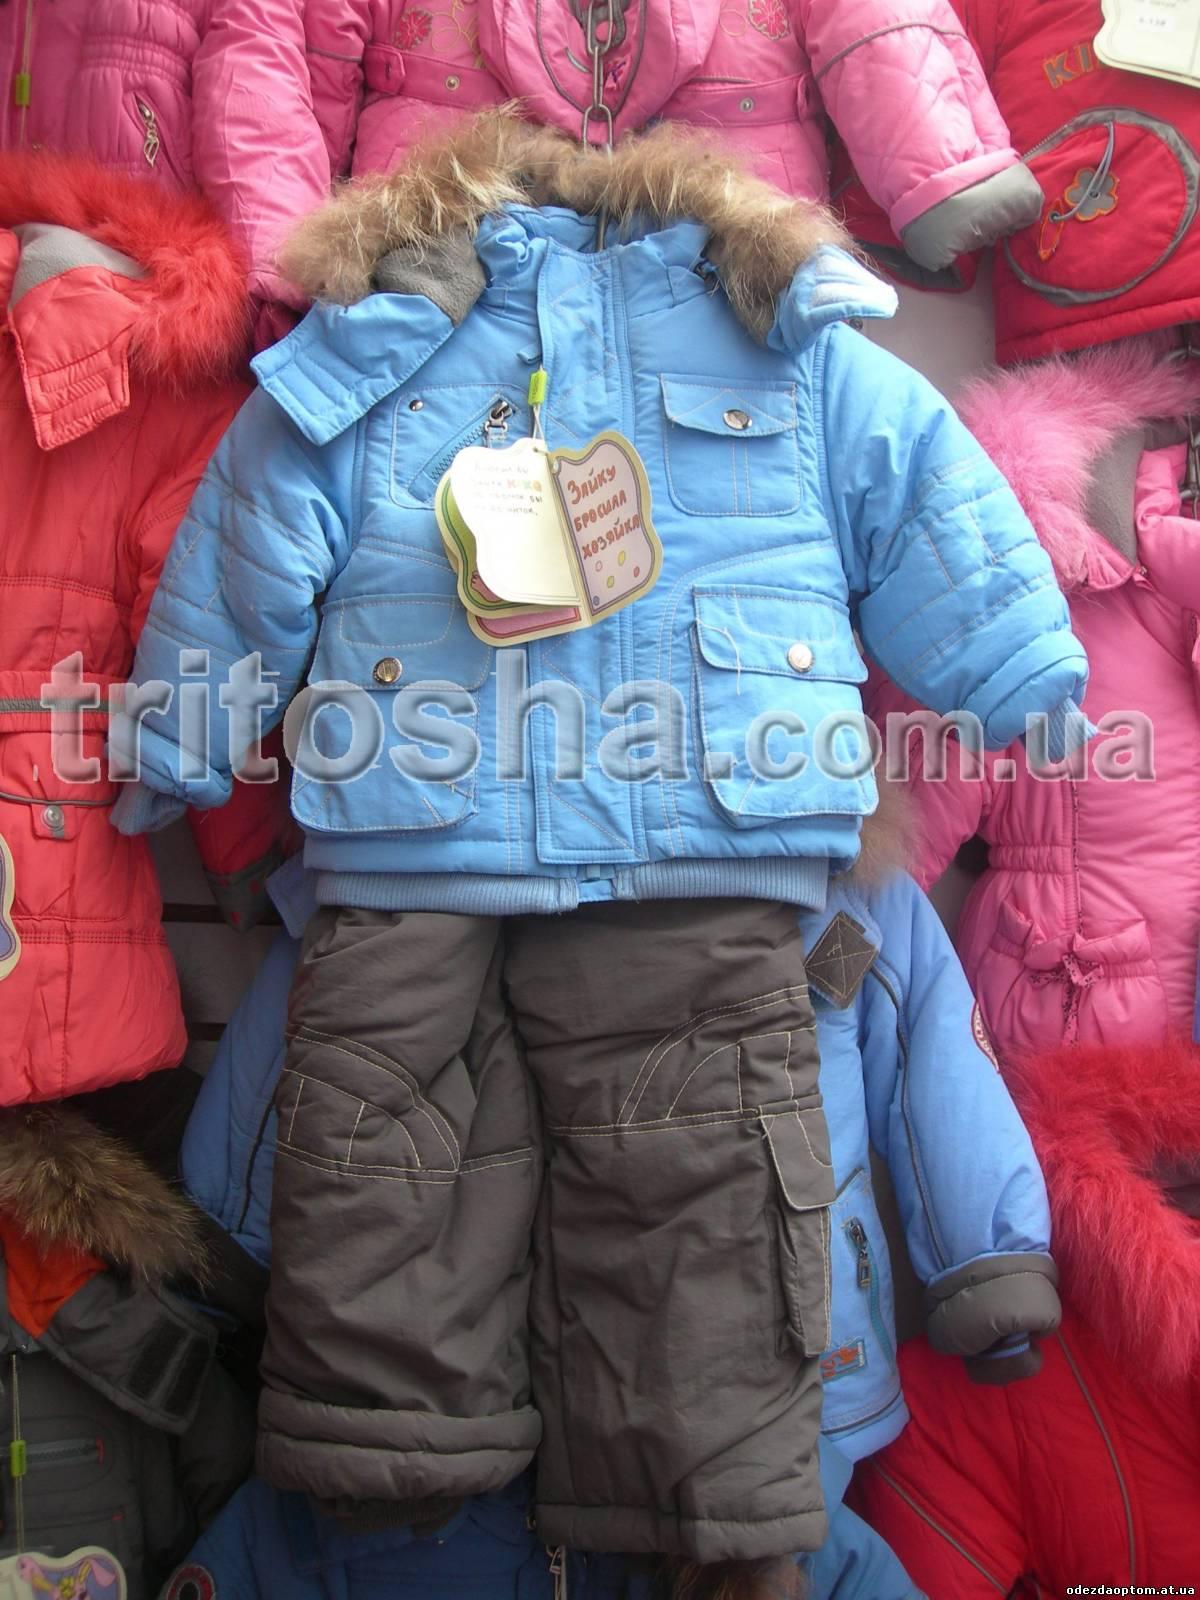 Детская Одежда Кико Официальный Сайт